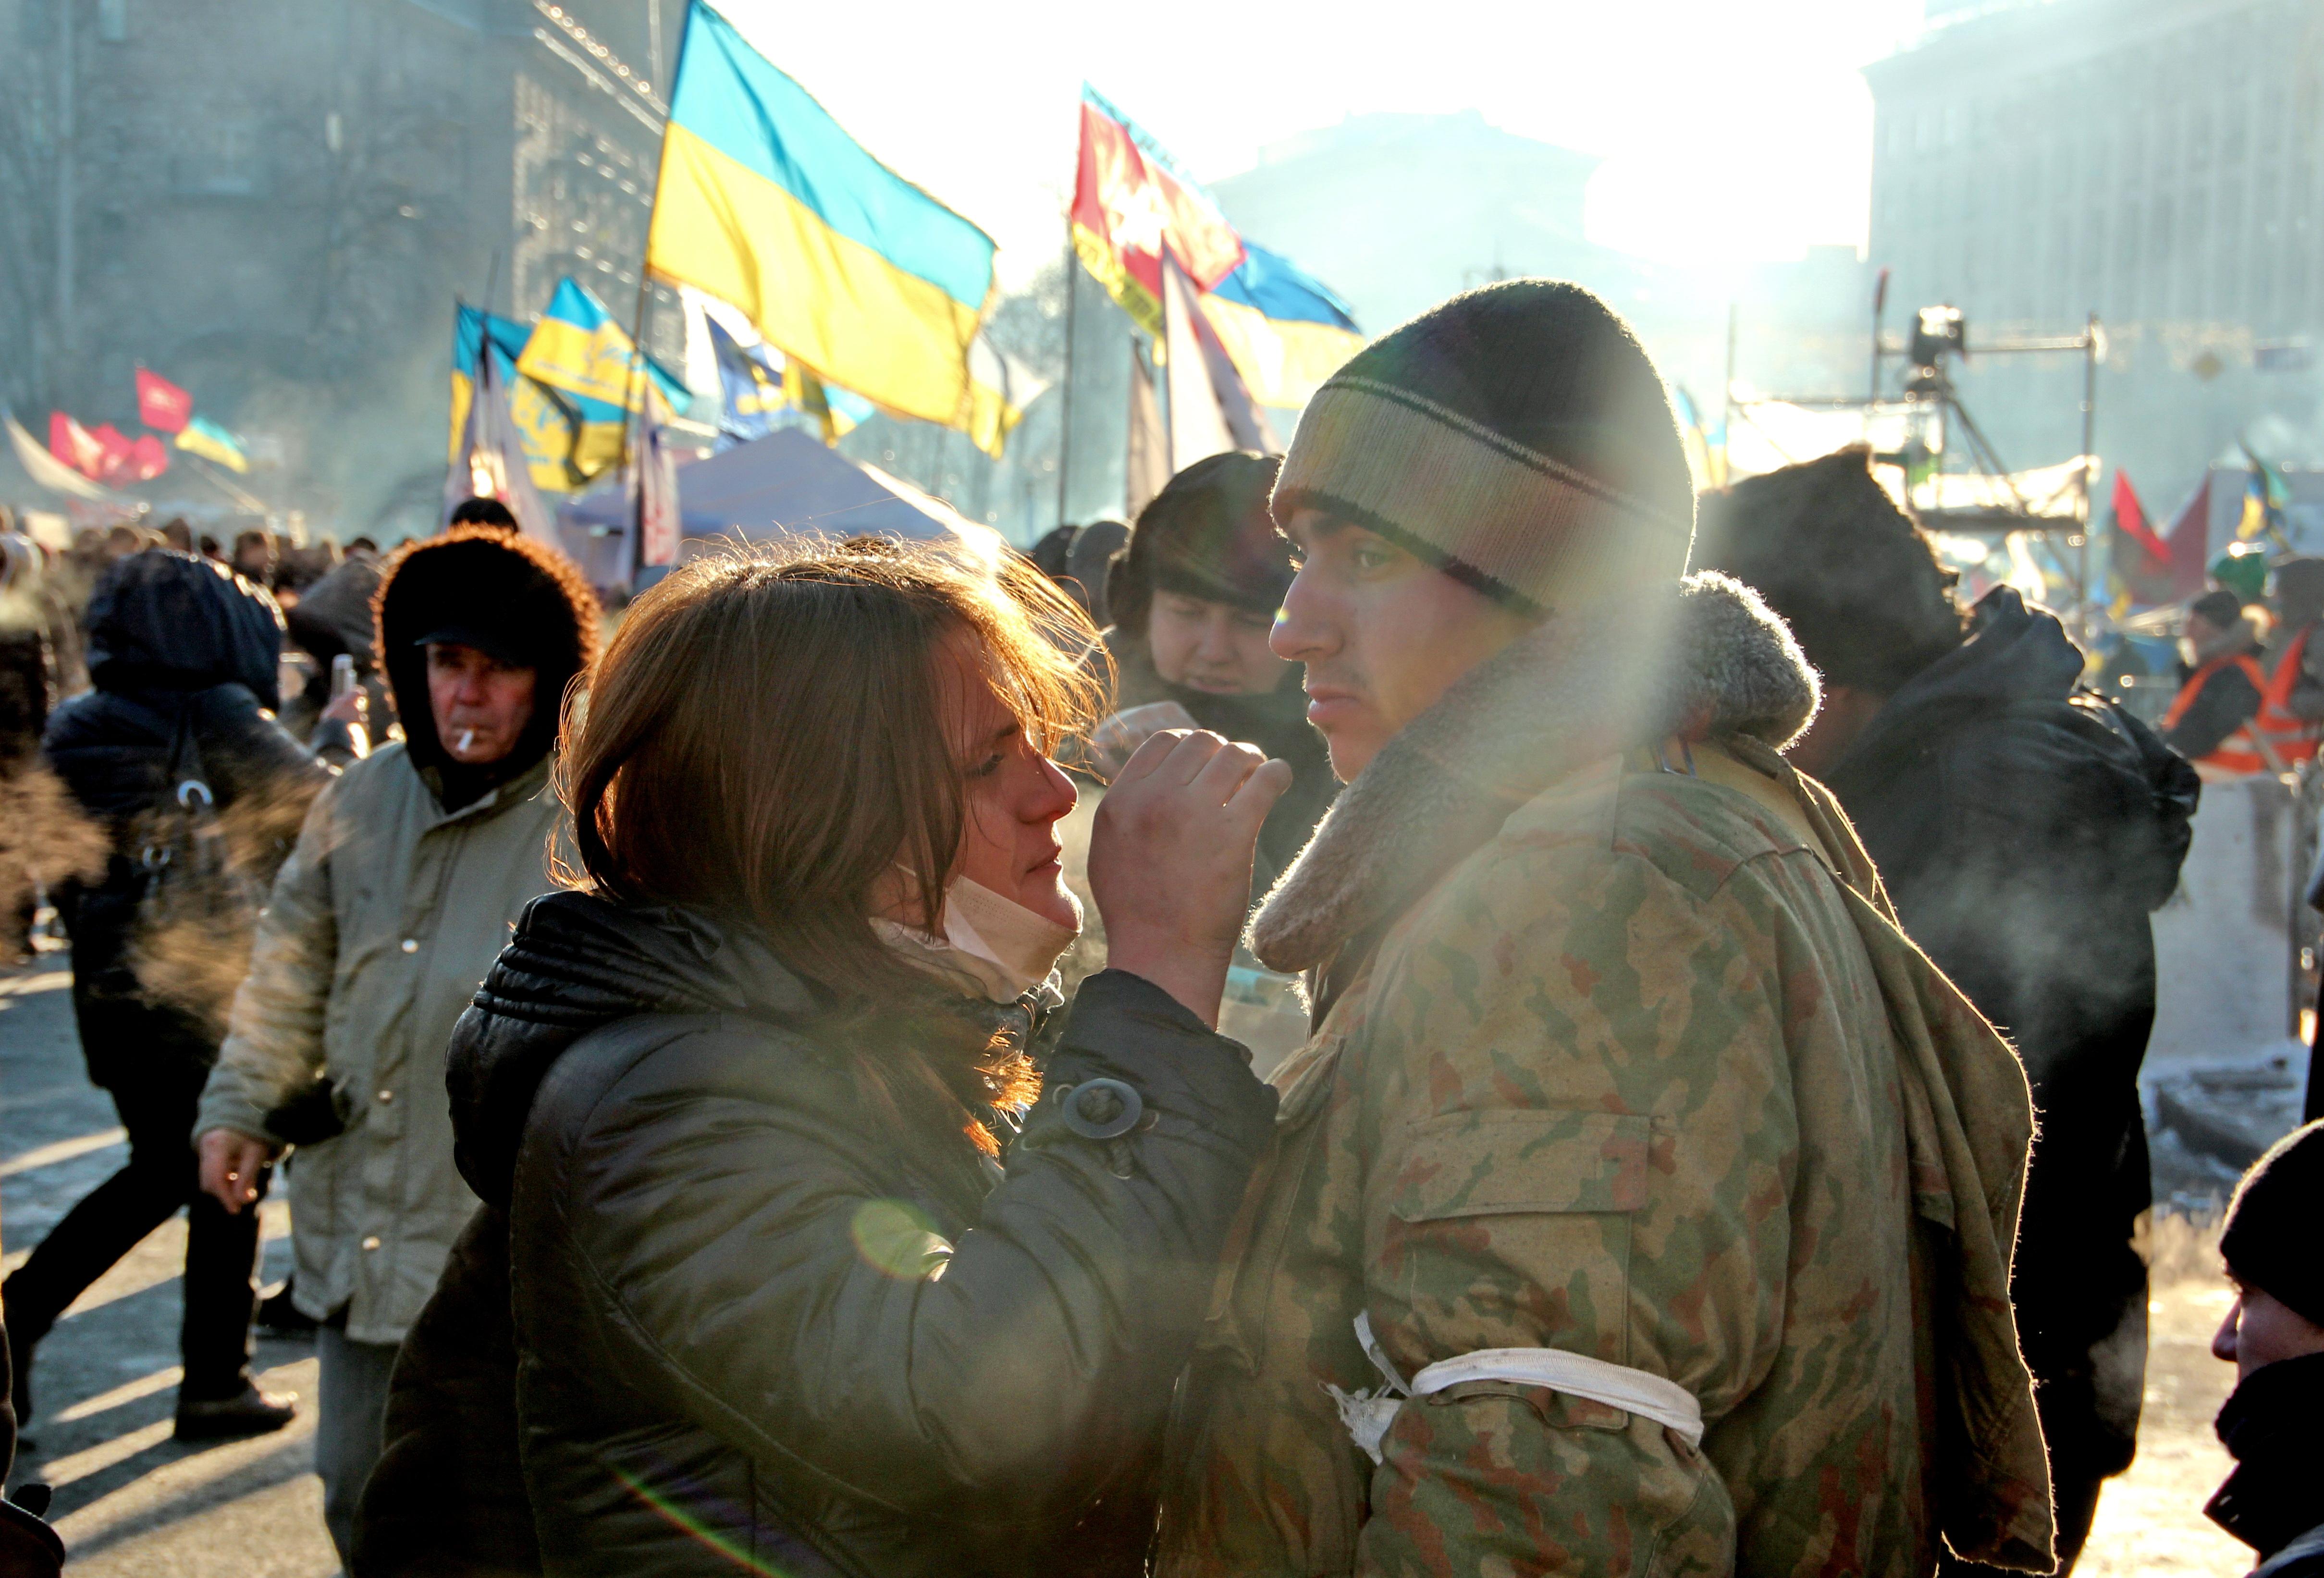 Украина, Киев. Площадь Независимости / Майдан Незалежности. Молодая пара защитиков Майдана.